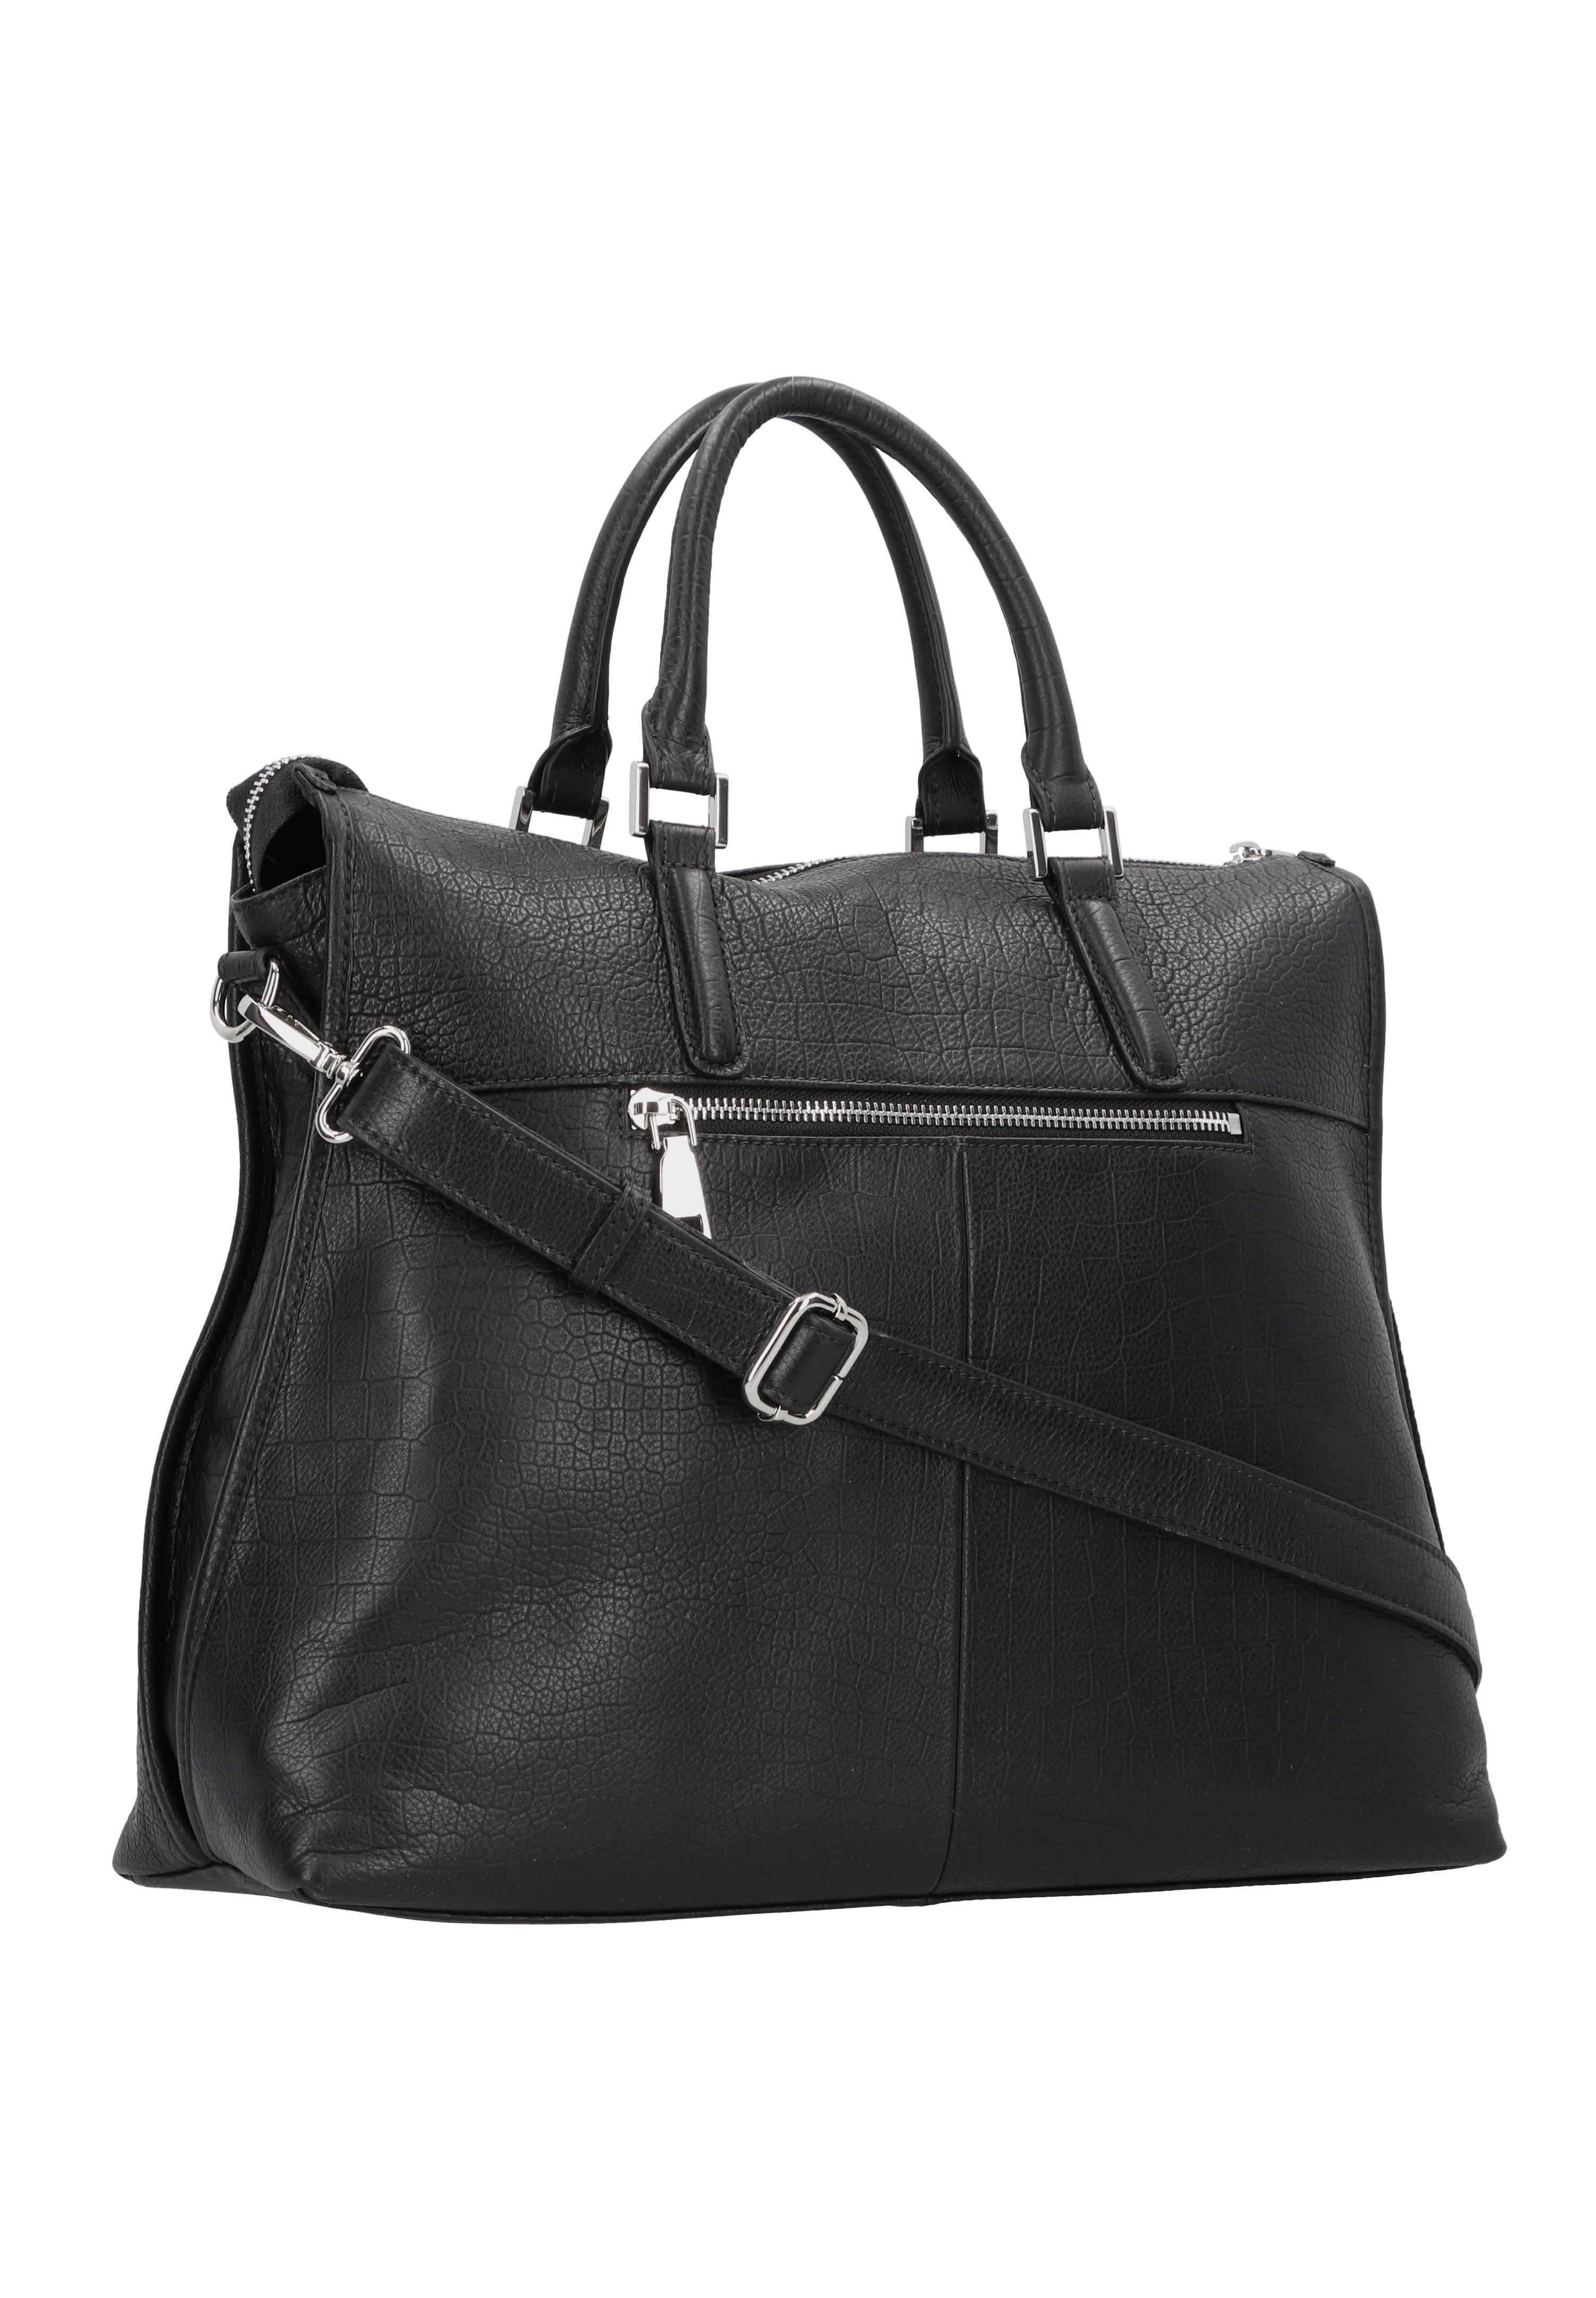 Fredsbruder Meggy Handtasche Leder 37 Cm - Sac À Main Black